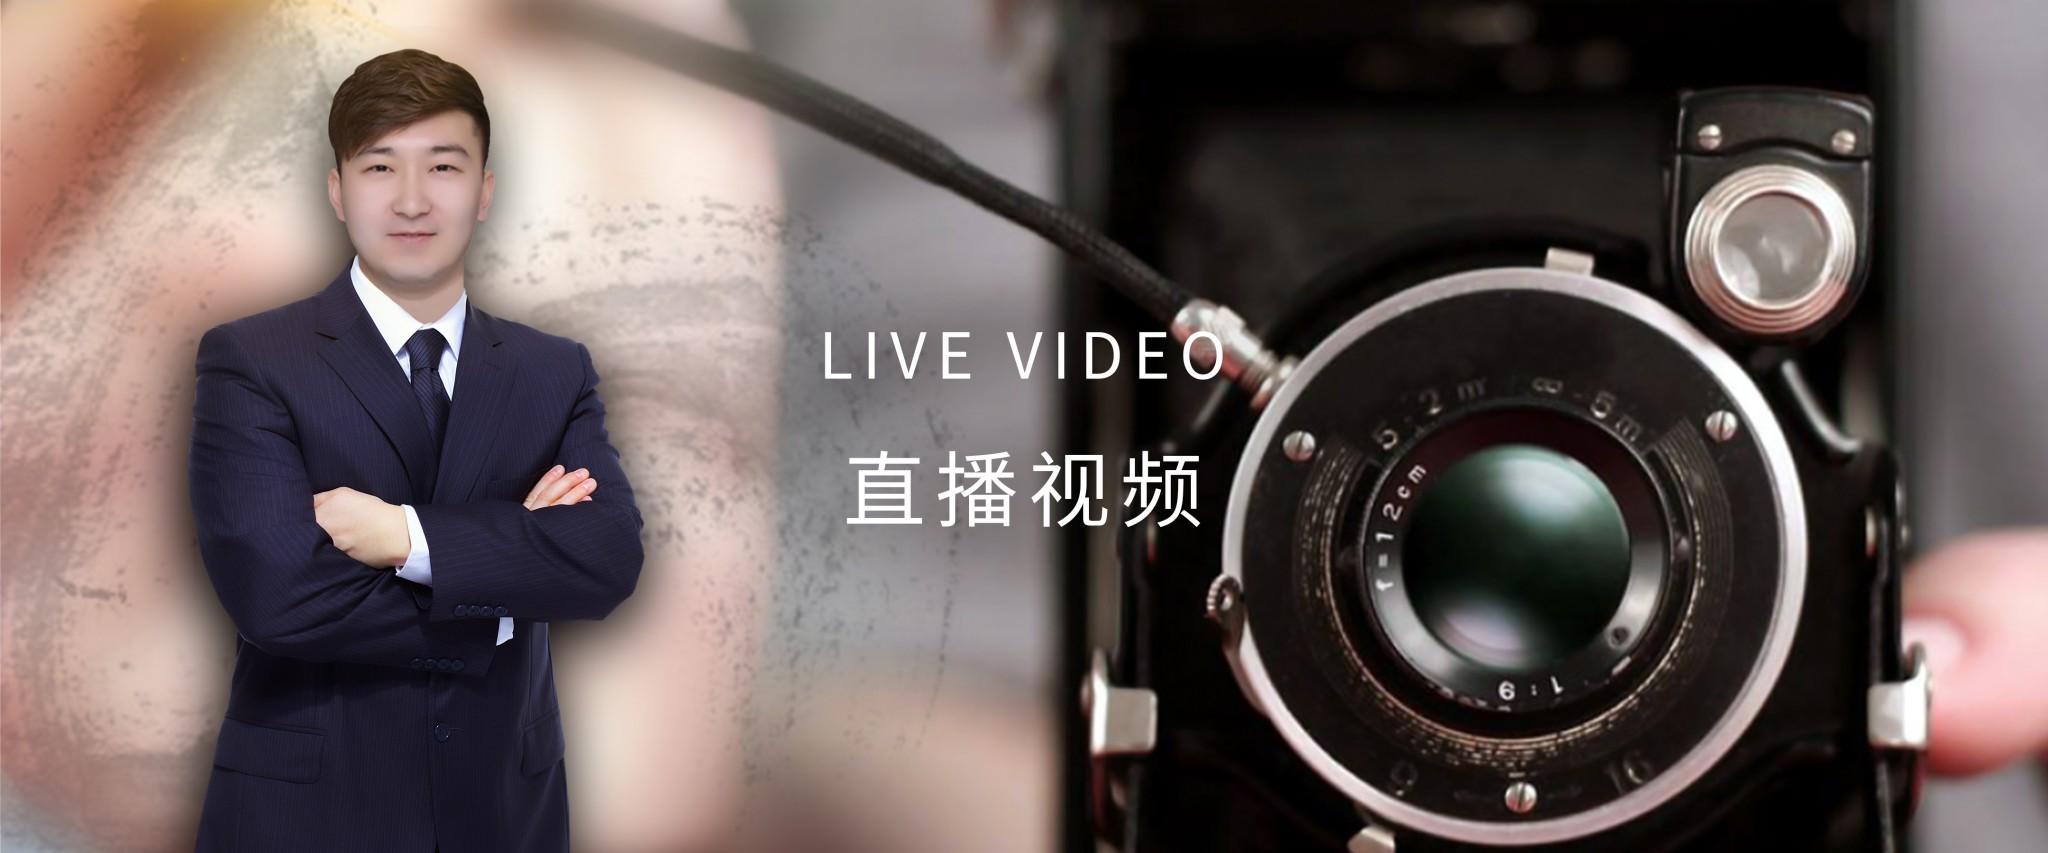 04直播视频1